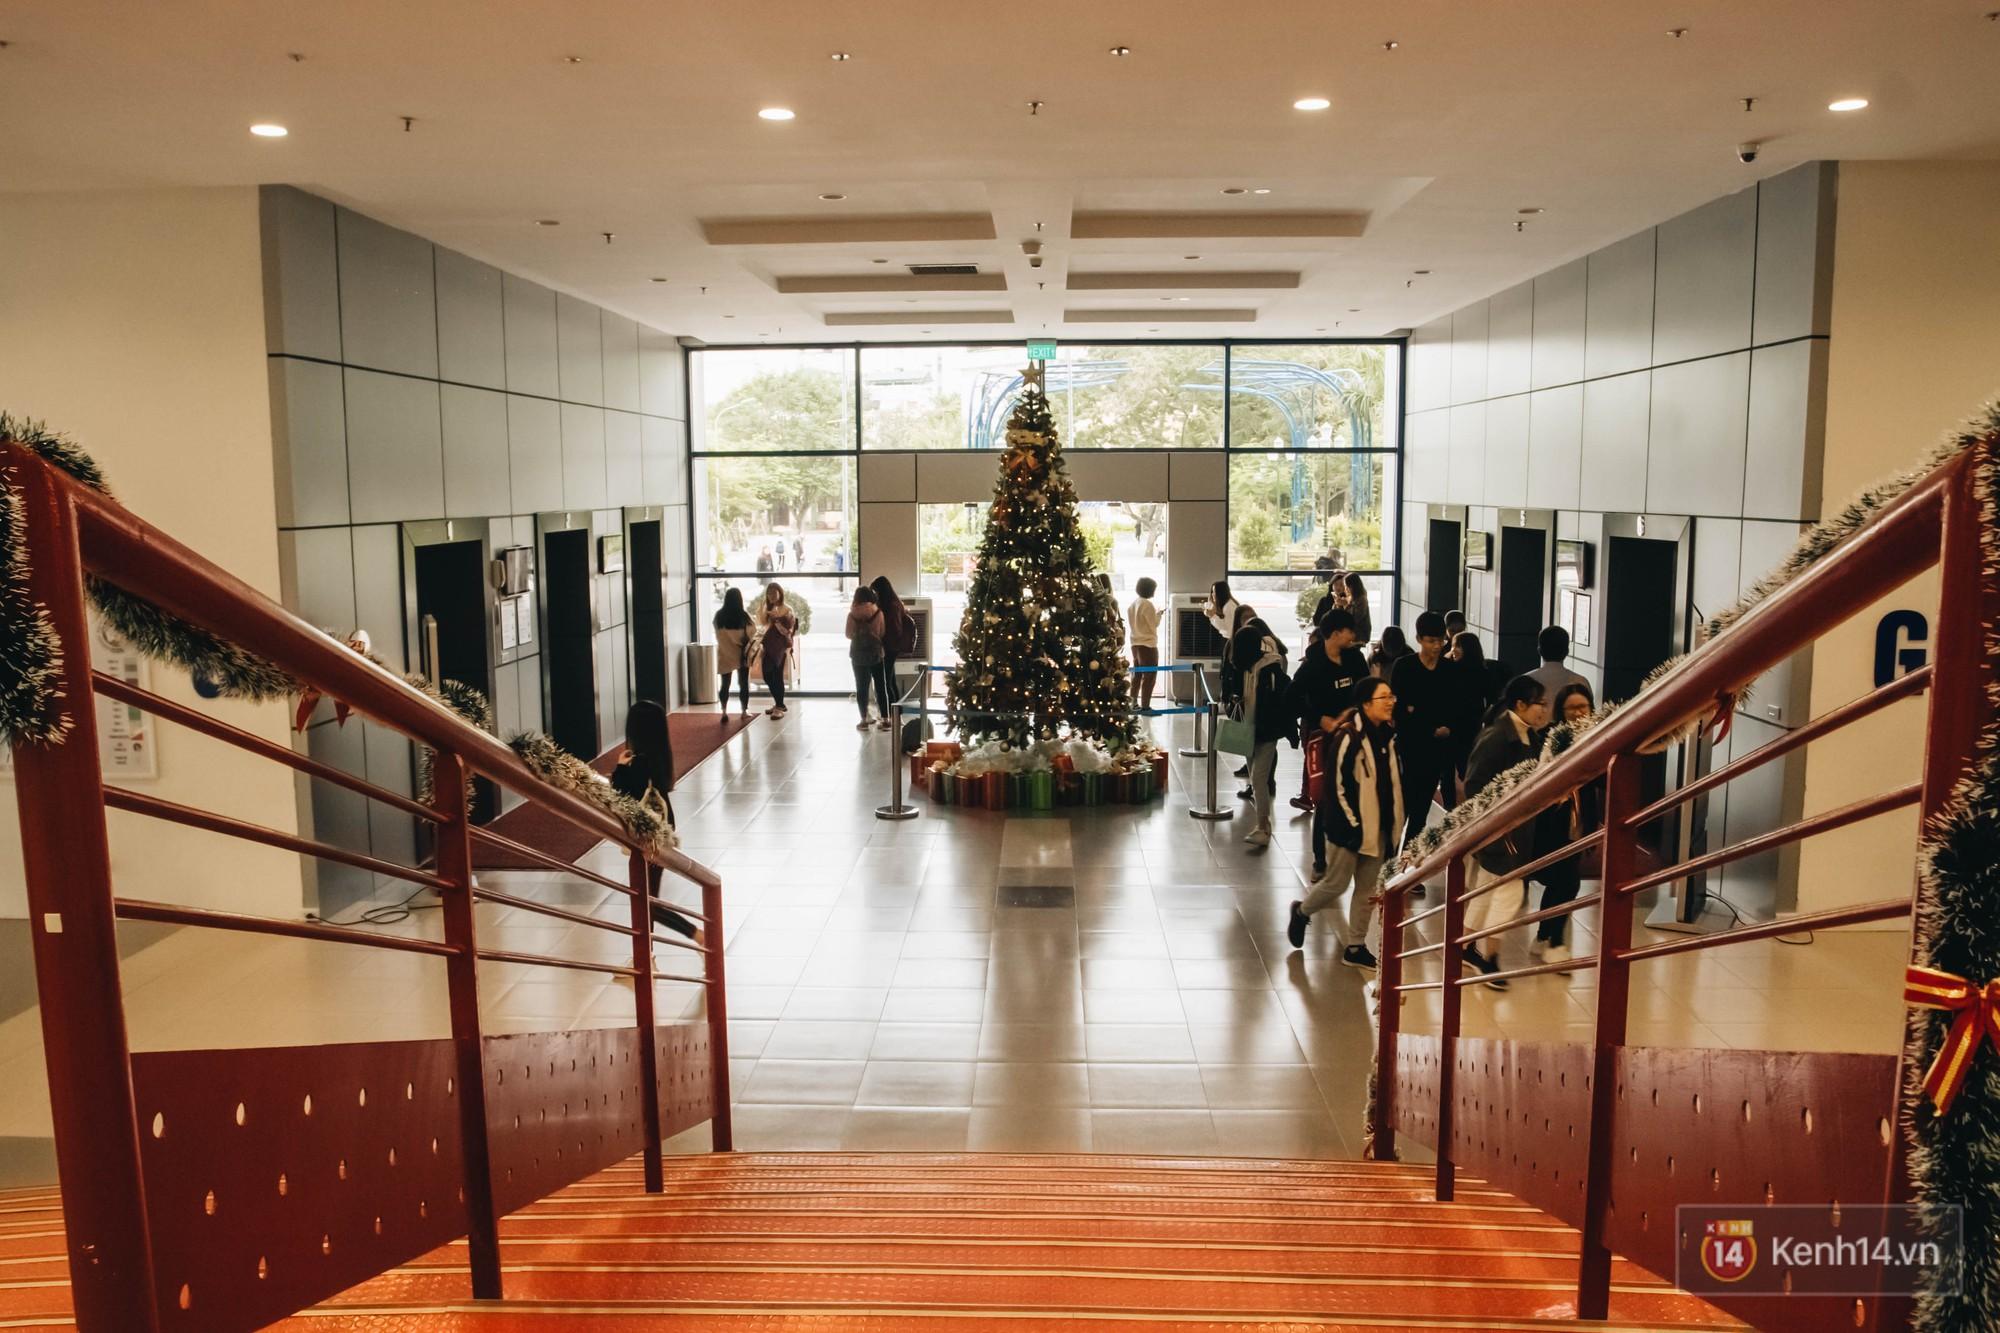 Xịn như Kinh tế Quốc dân: Dựng không gian checkin Noel sang như khách sạn bên trong toà nhà thế kỷ 96.000 m2 với 17 thang máy! - Ảnh 9.